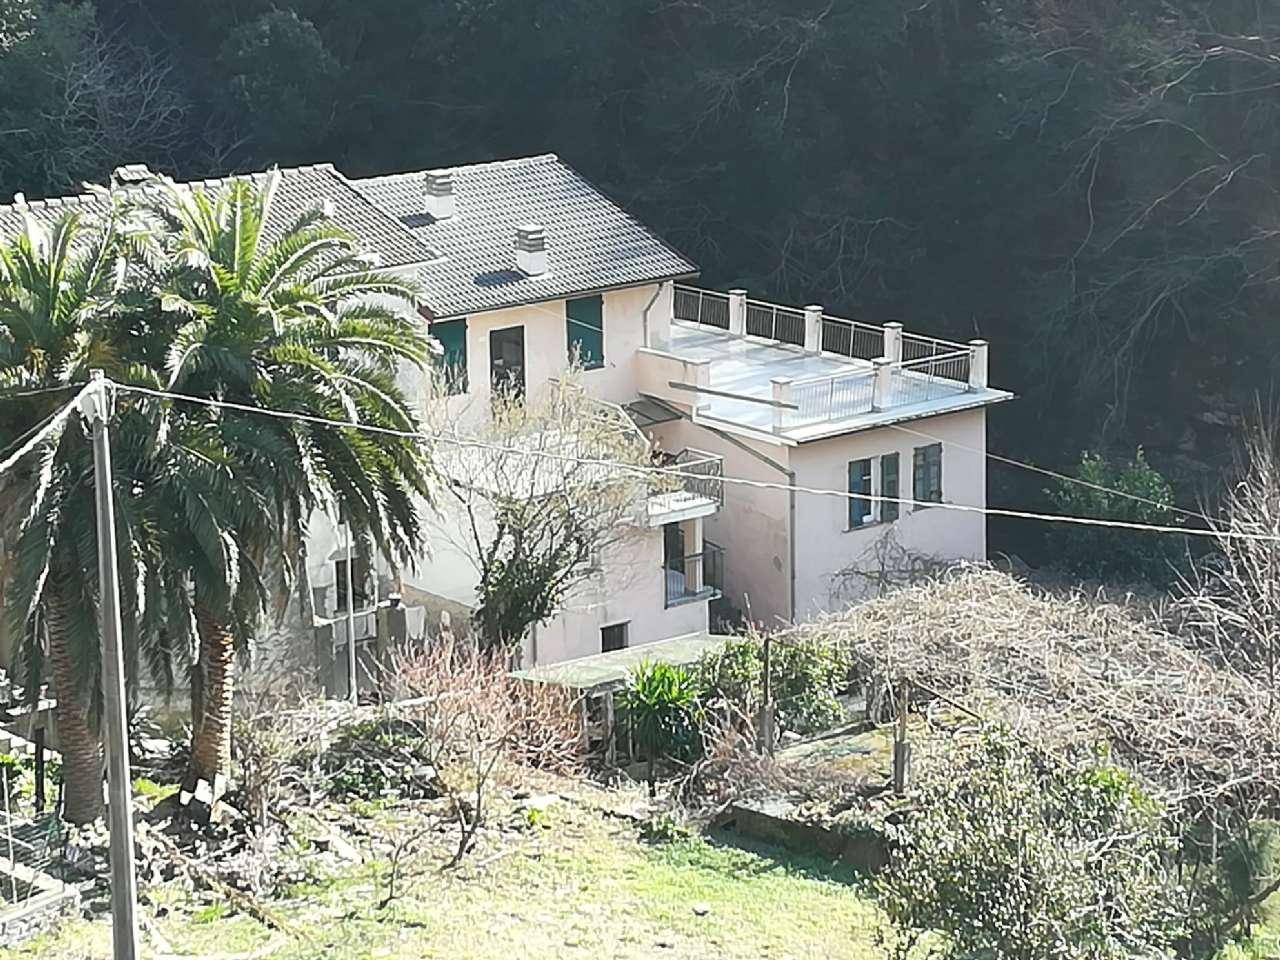 Appartamento in vendita a Avegno, 5 locali, prezzo € 50.000 | PortaleAgenzieImmobiliari.it